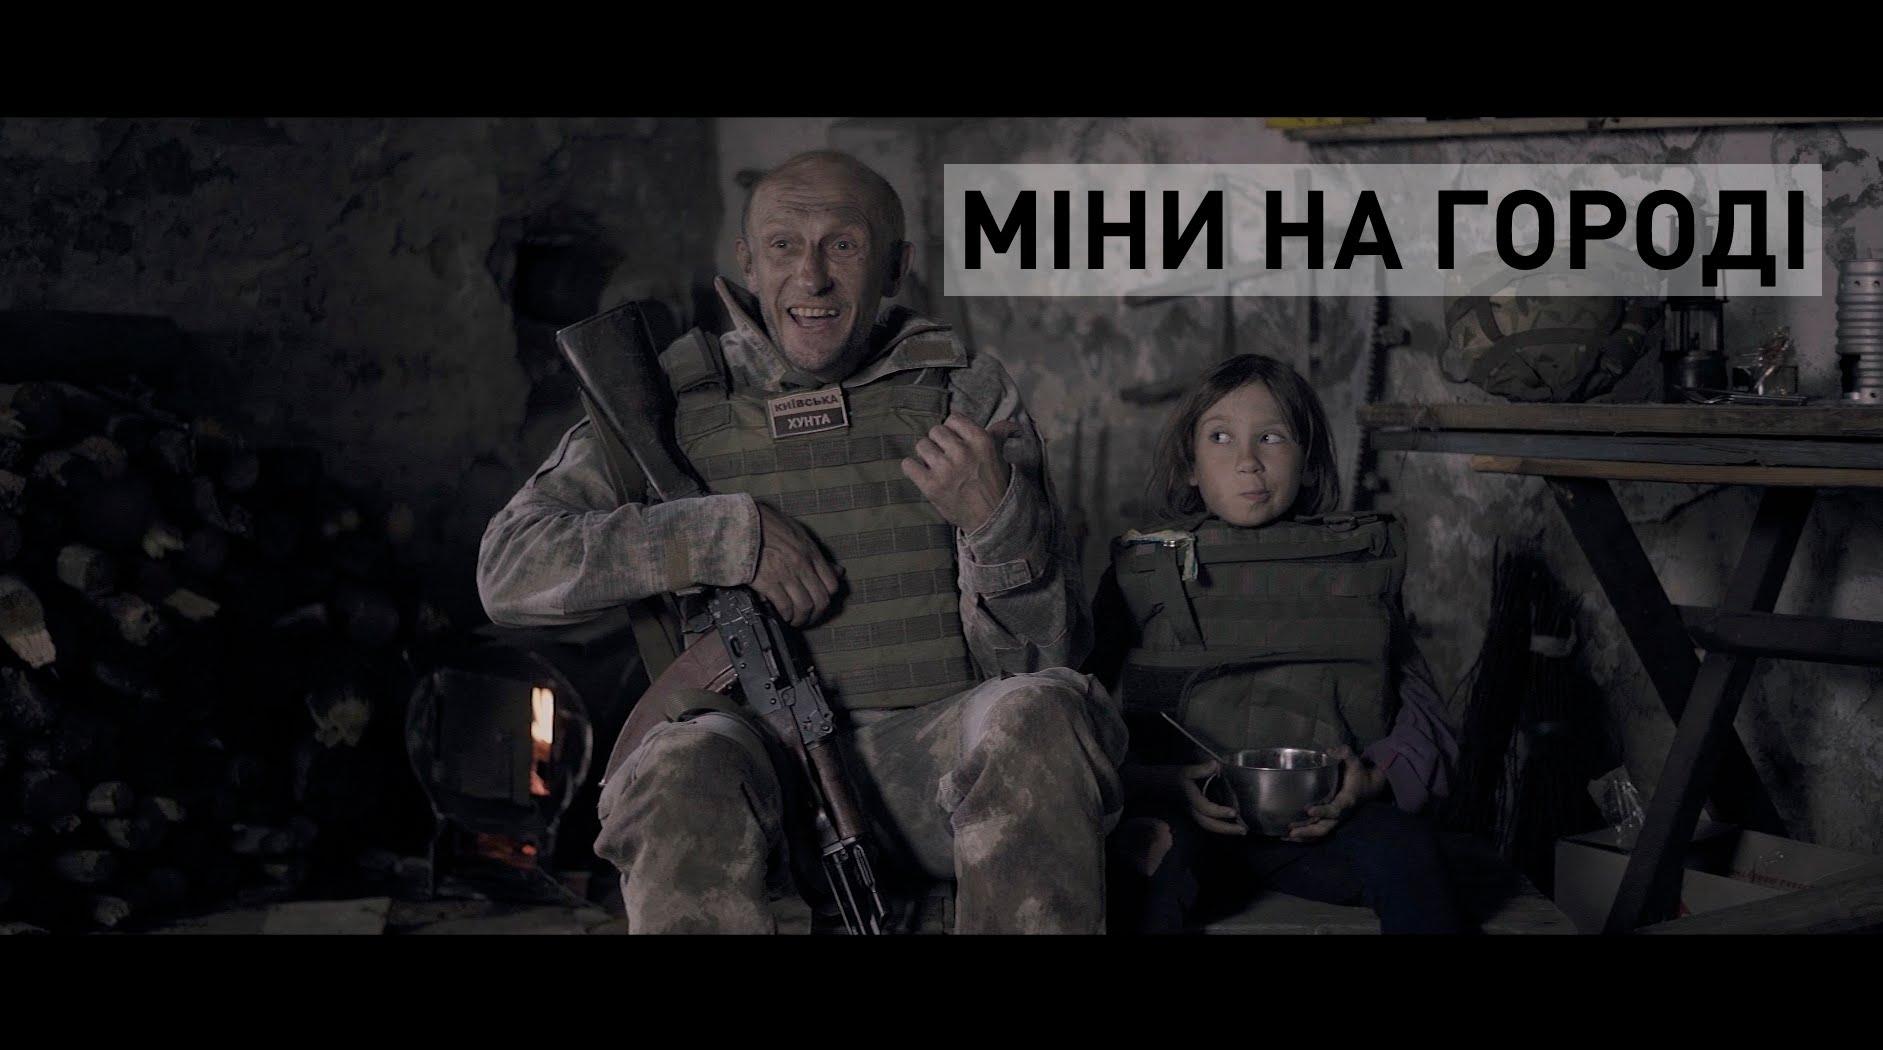 За минувшие сутки в зоне АТО погибших нет, ранены трое украинских военнослужащих, - Лысенко - Цензор.НЕТ 4551